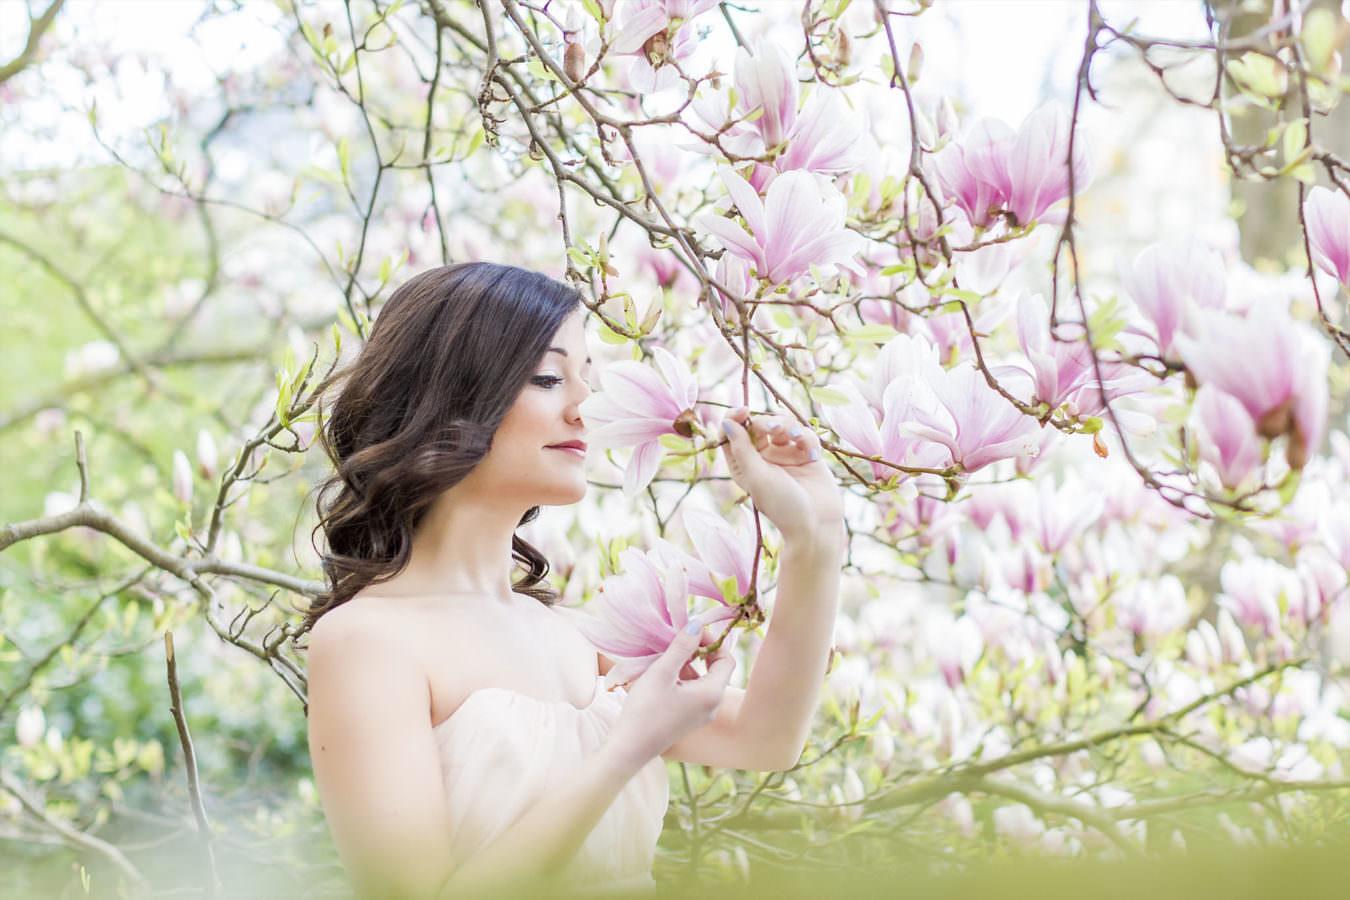 Frauen Fotoshooting mitten in Magnolien